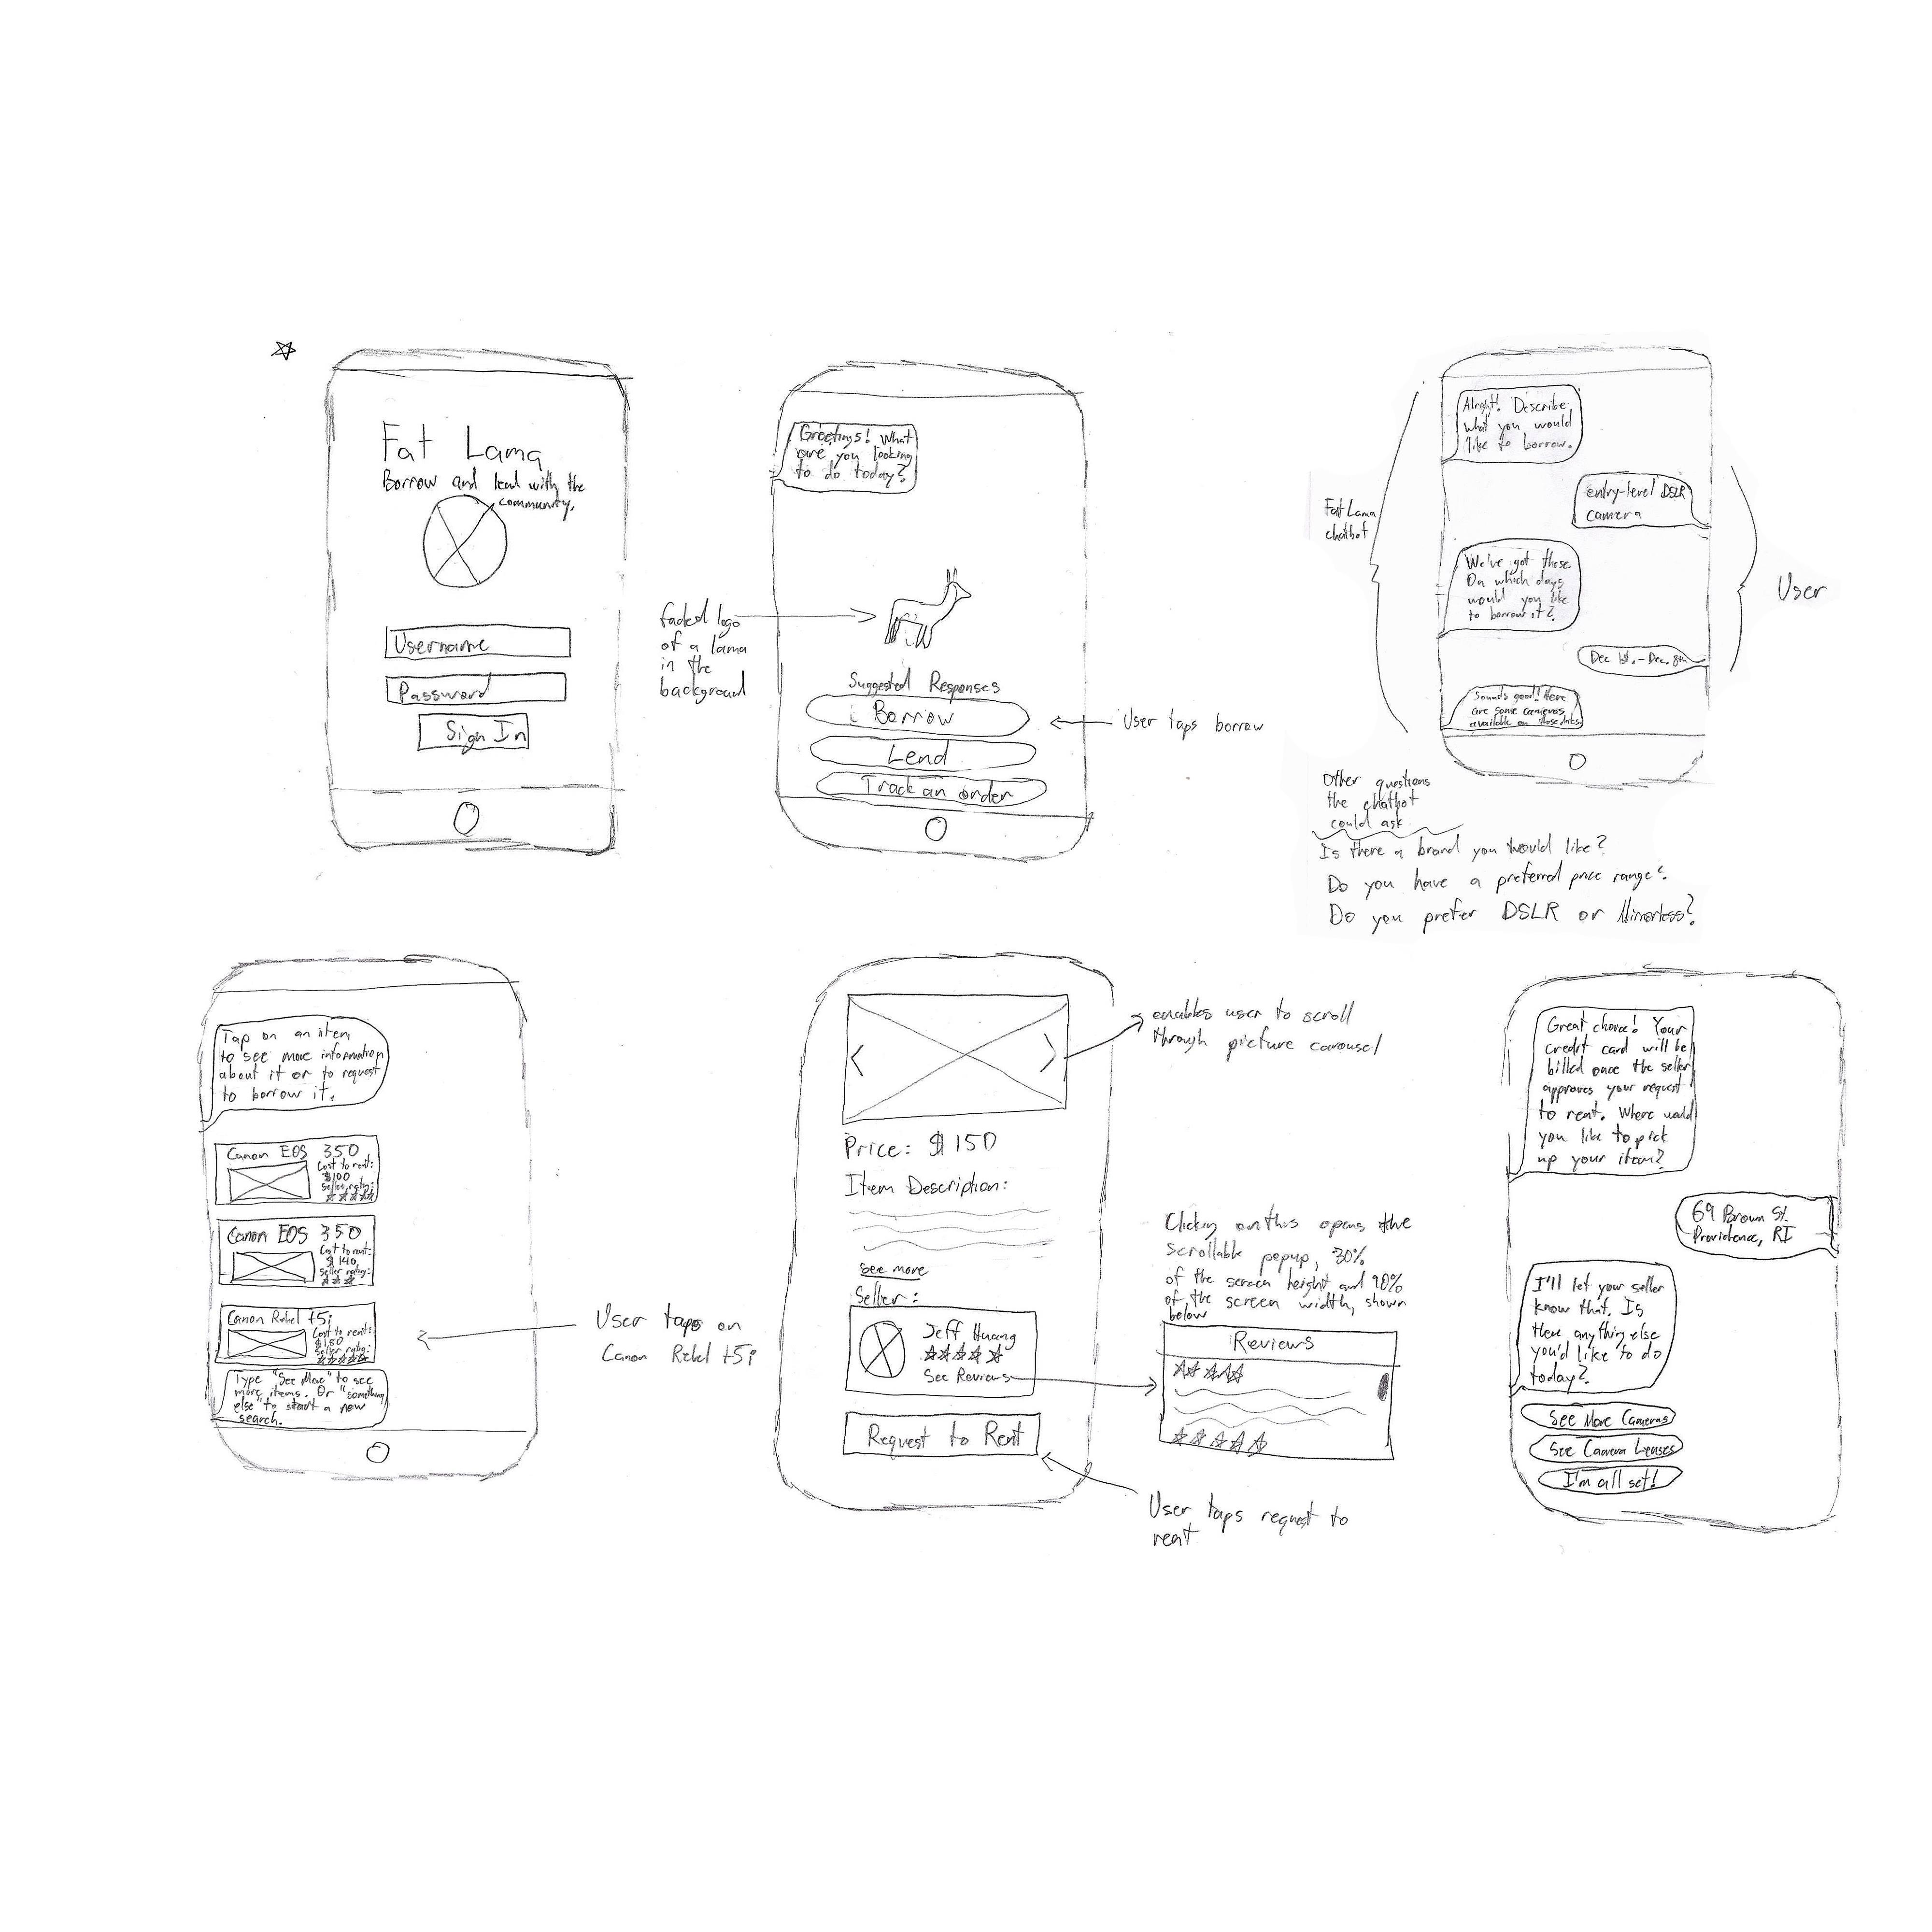 lending sketch v2